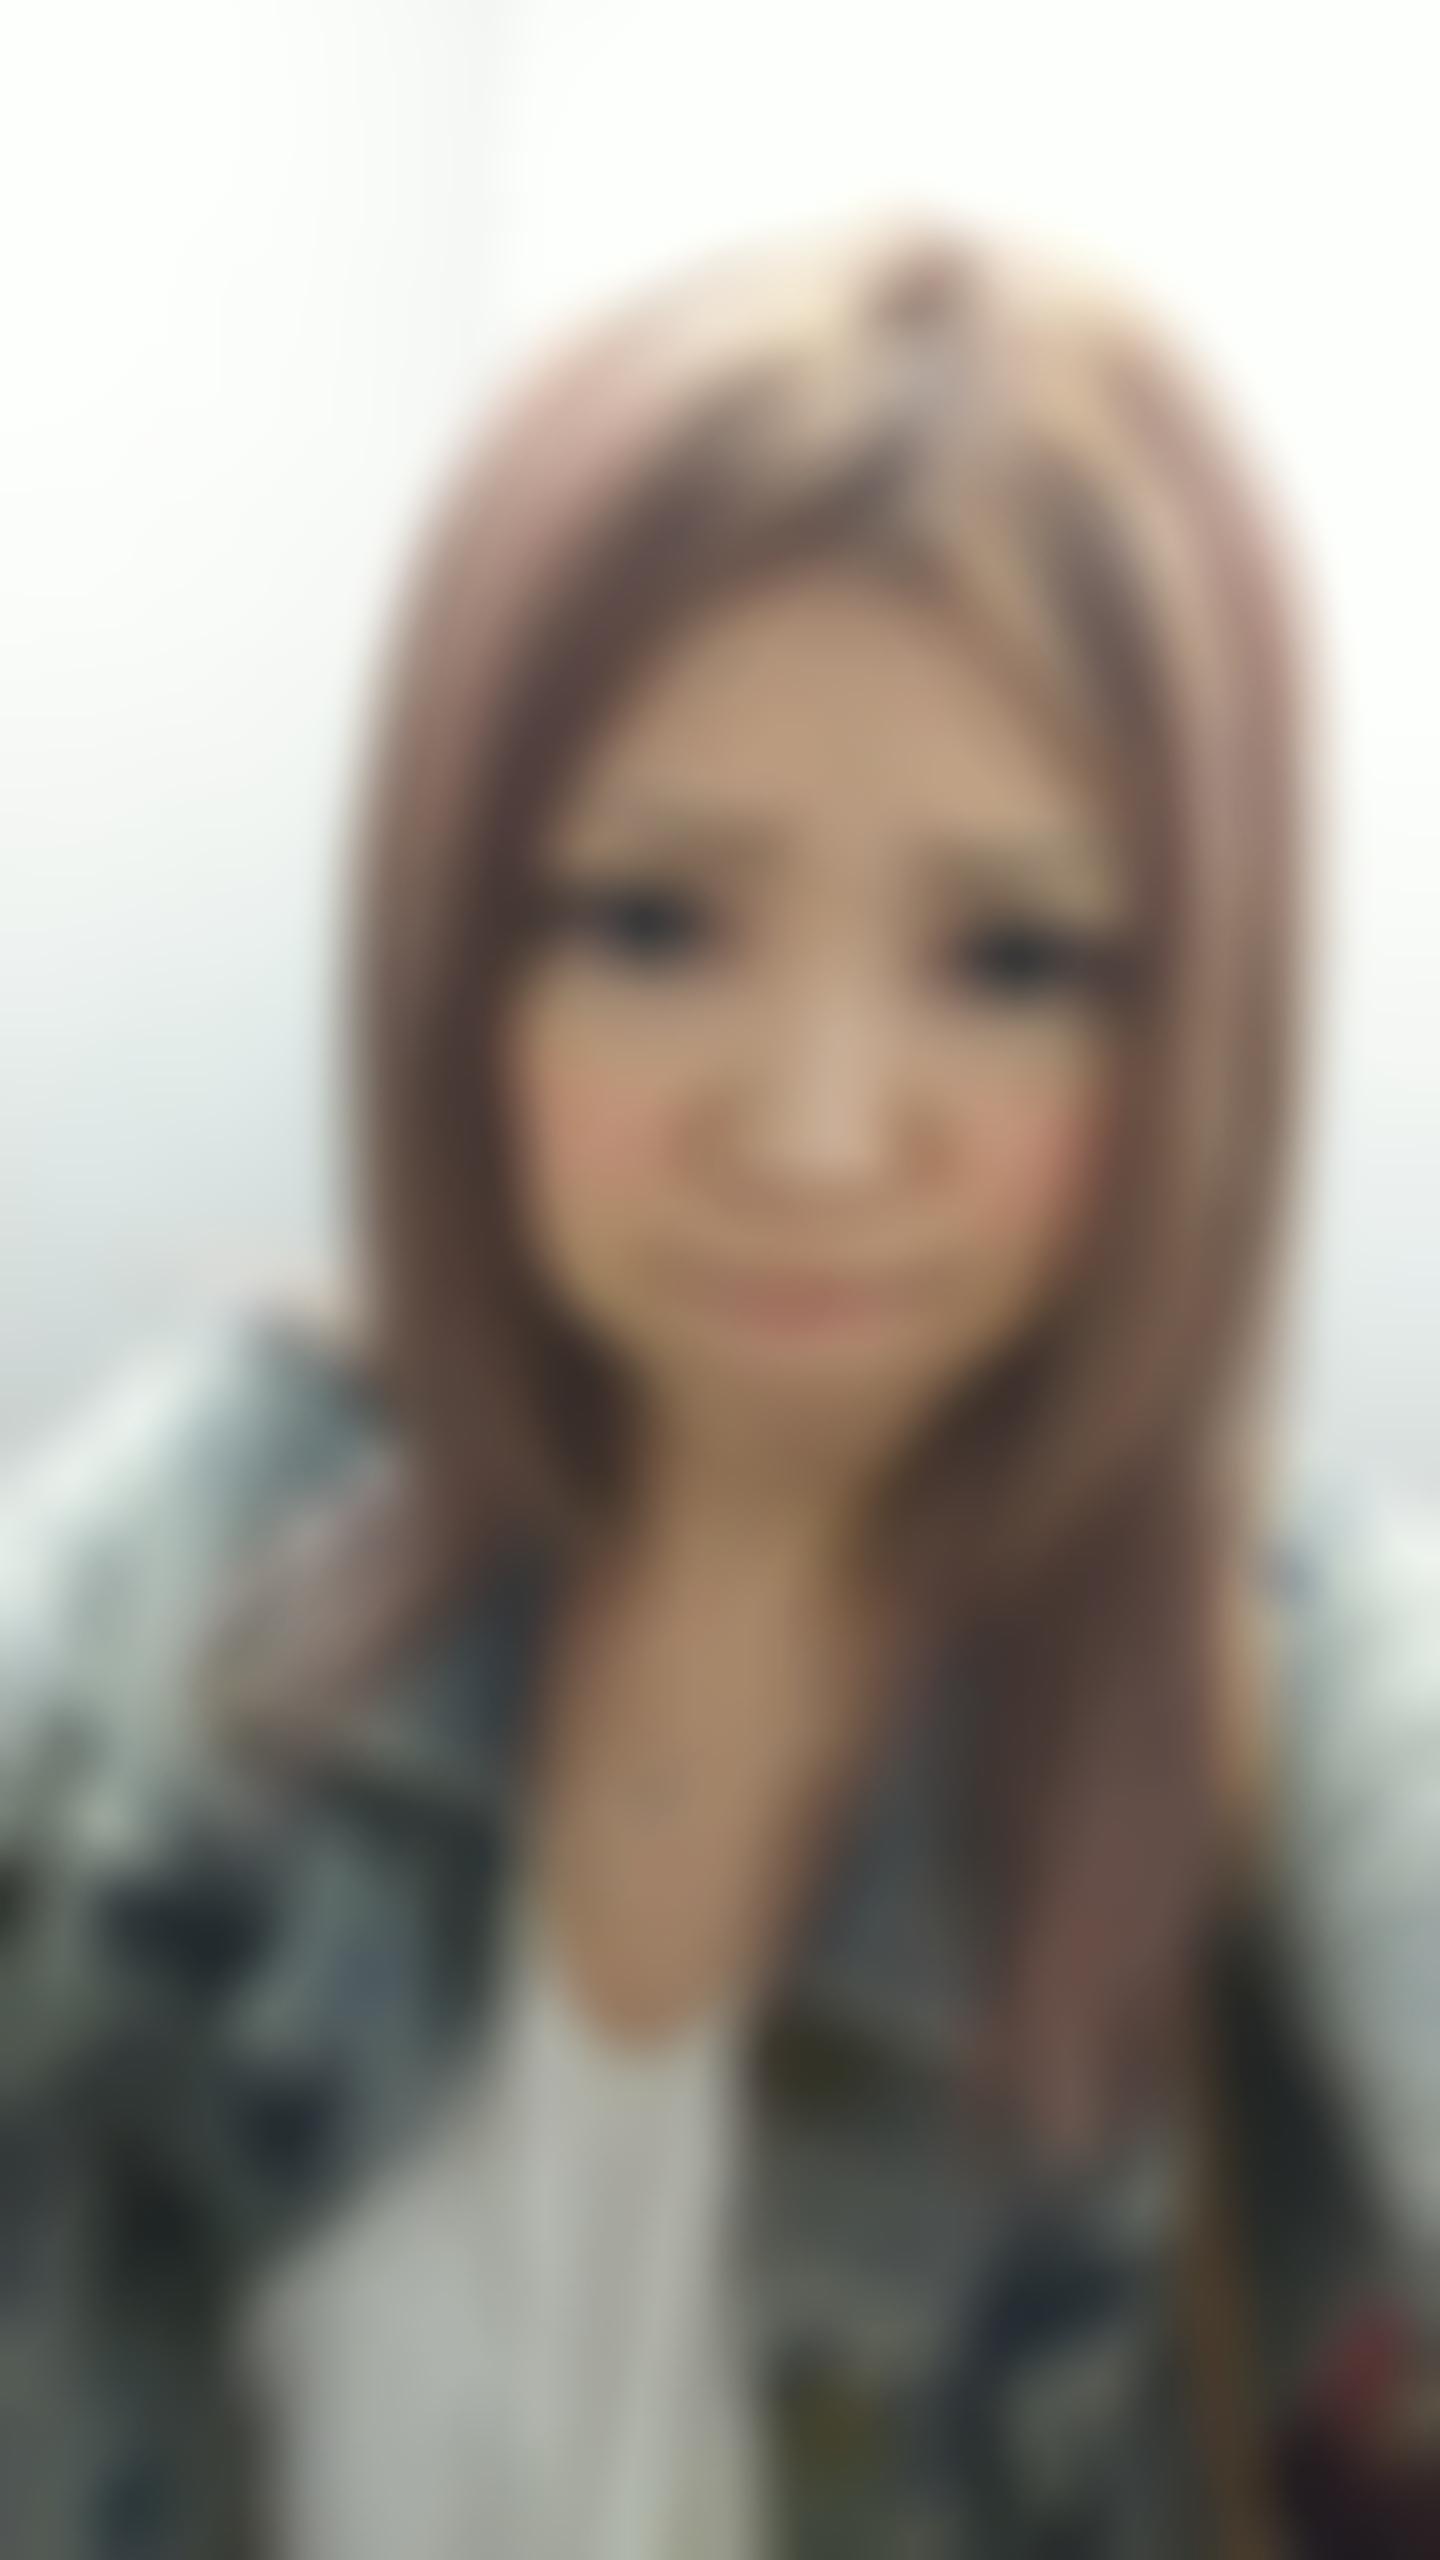 さき「(^ω^)」09/21(金) 18:30   さきの写メ・風俗動画